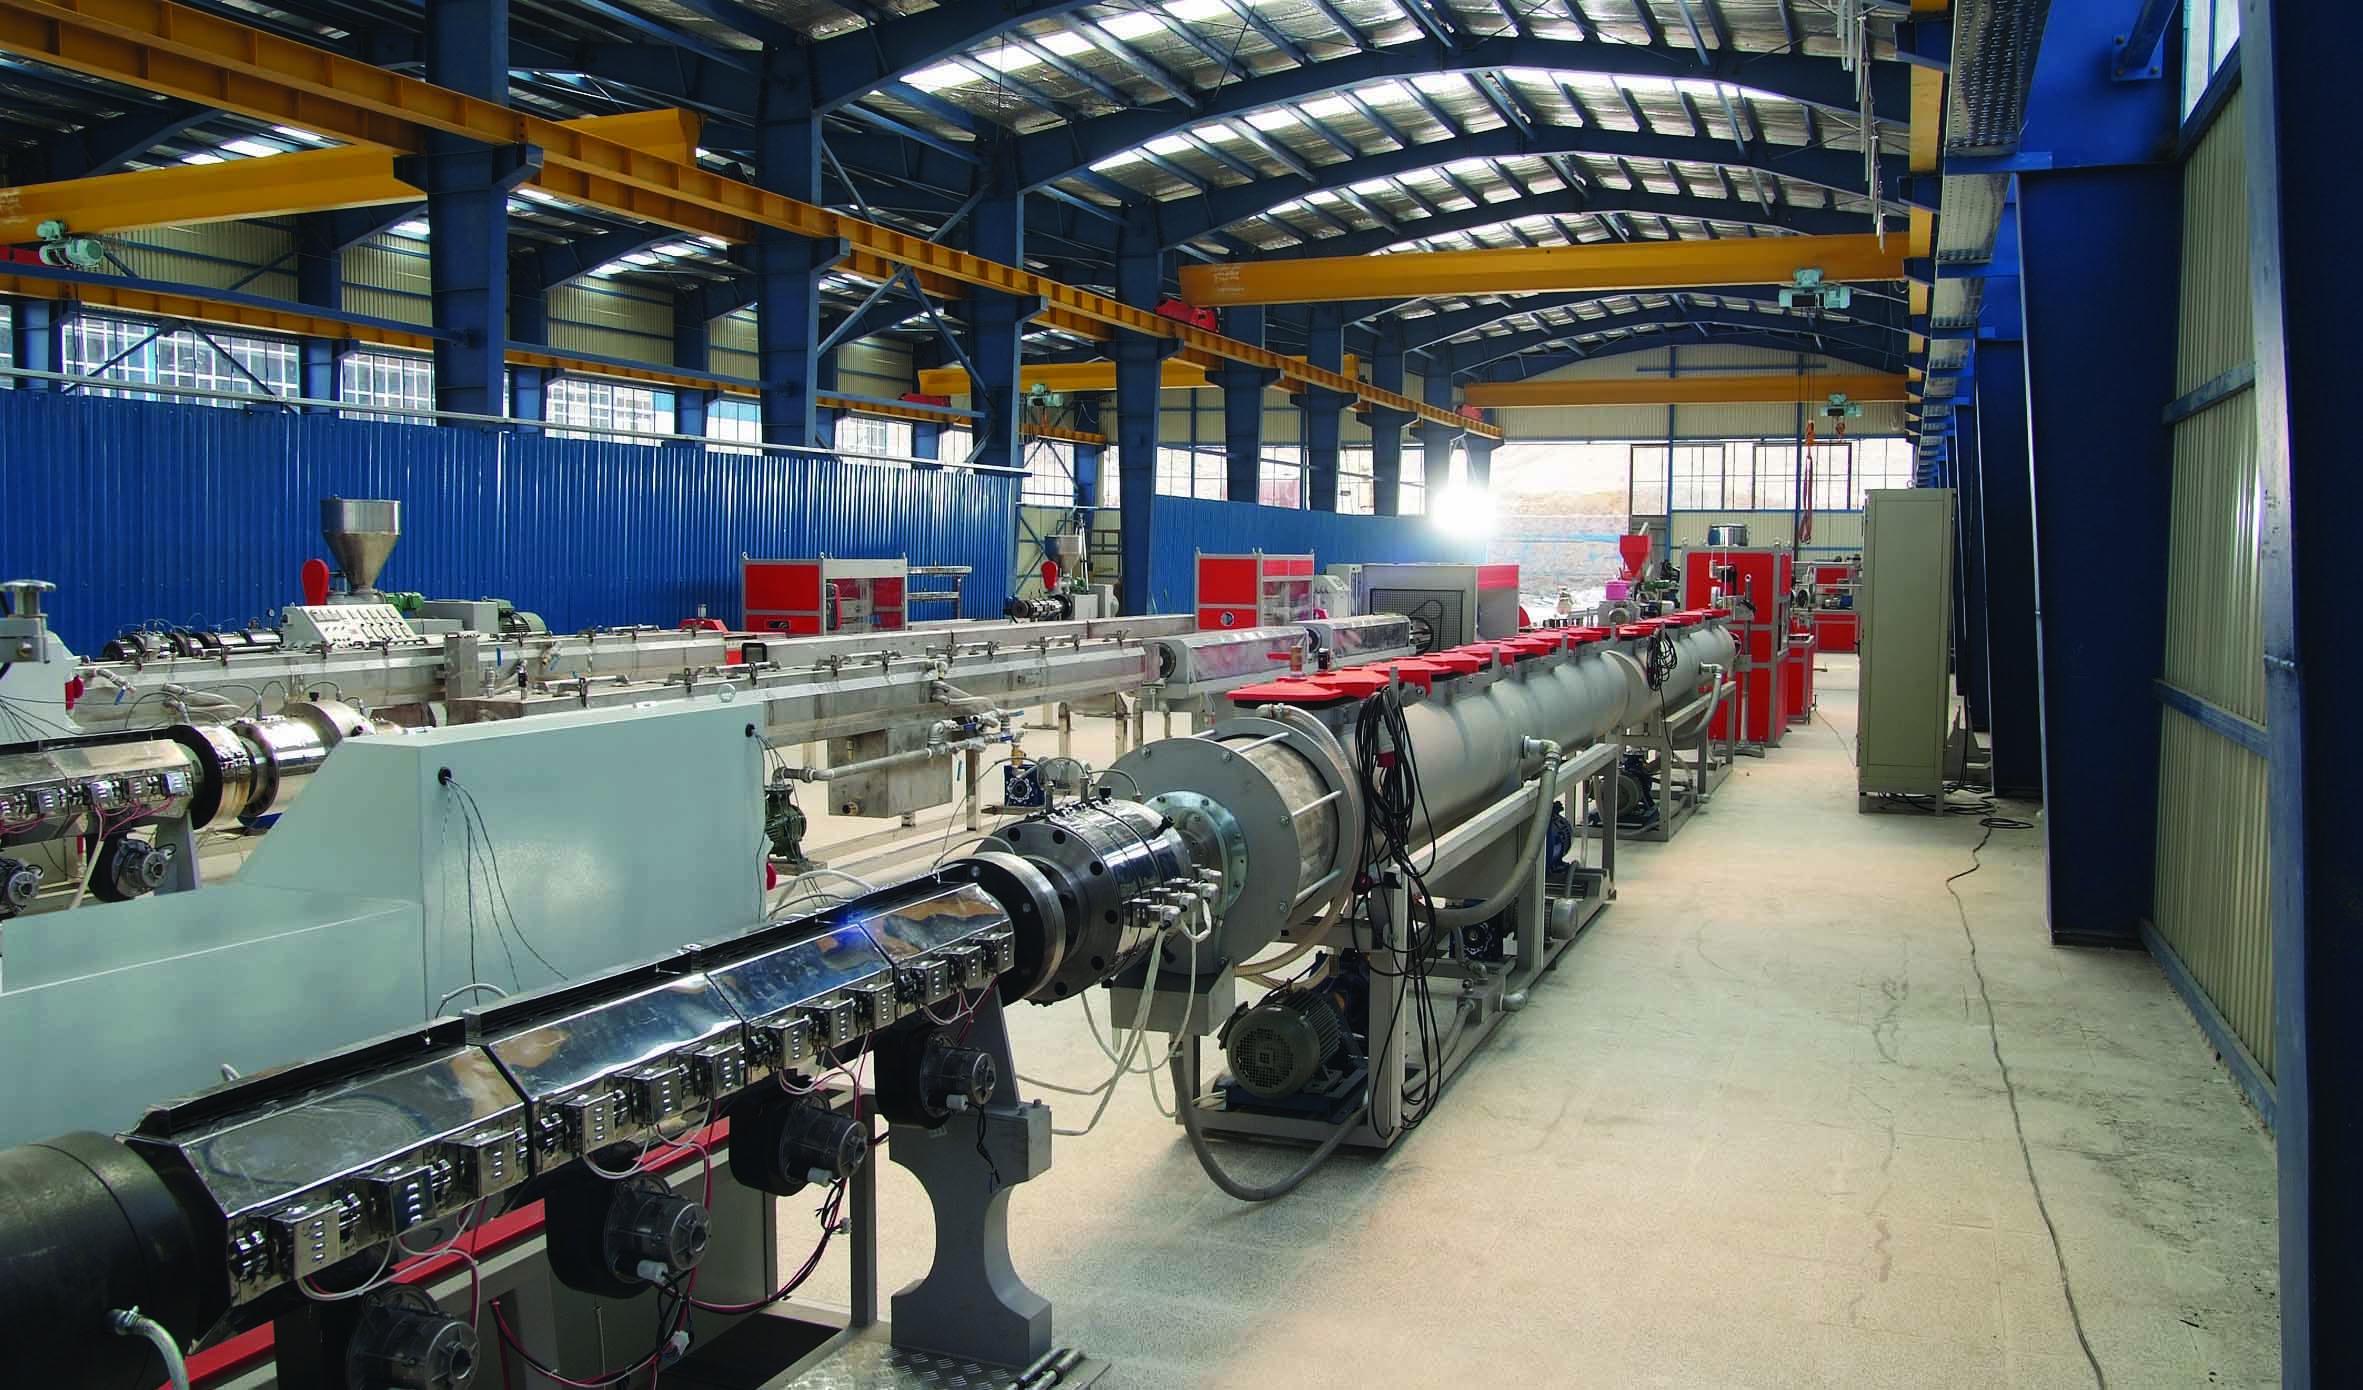 ٰبرای رونق تولید35 پروژه تعریف شده است